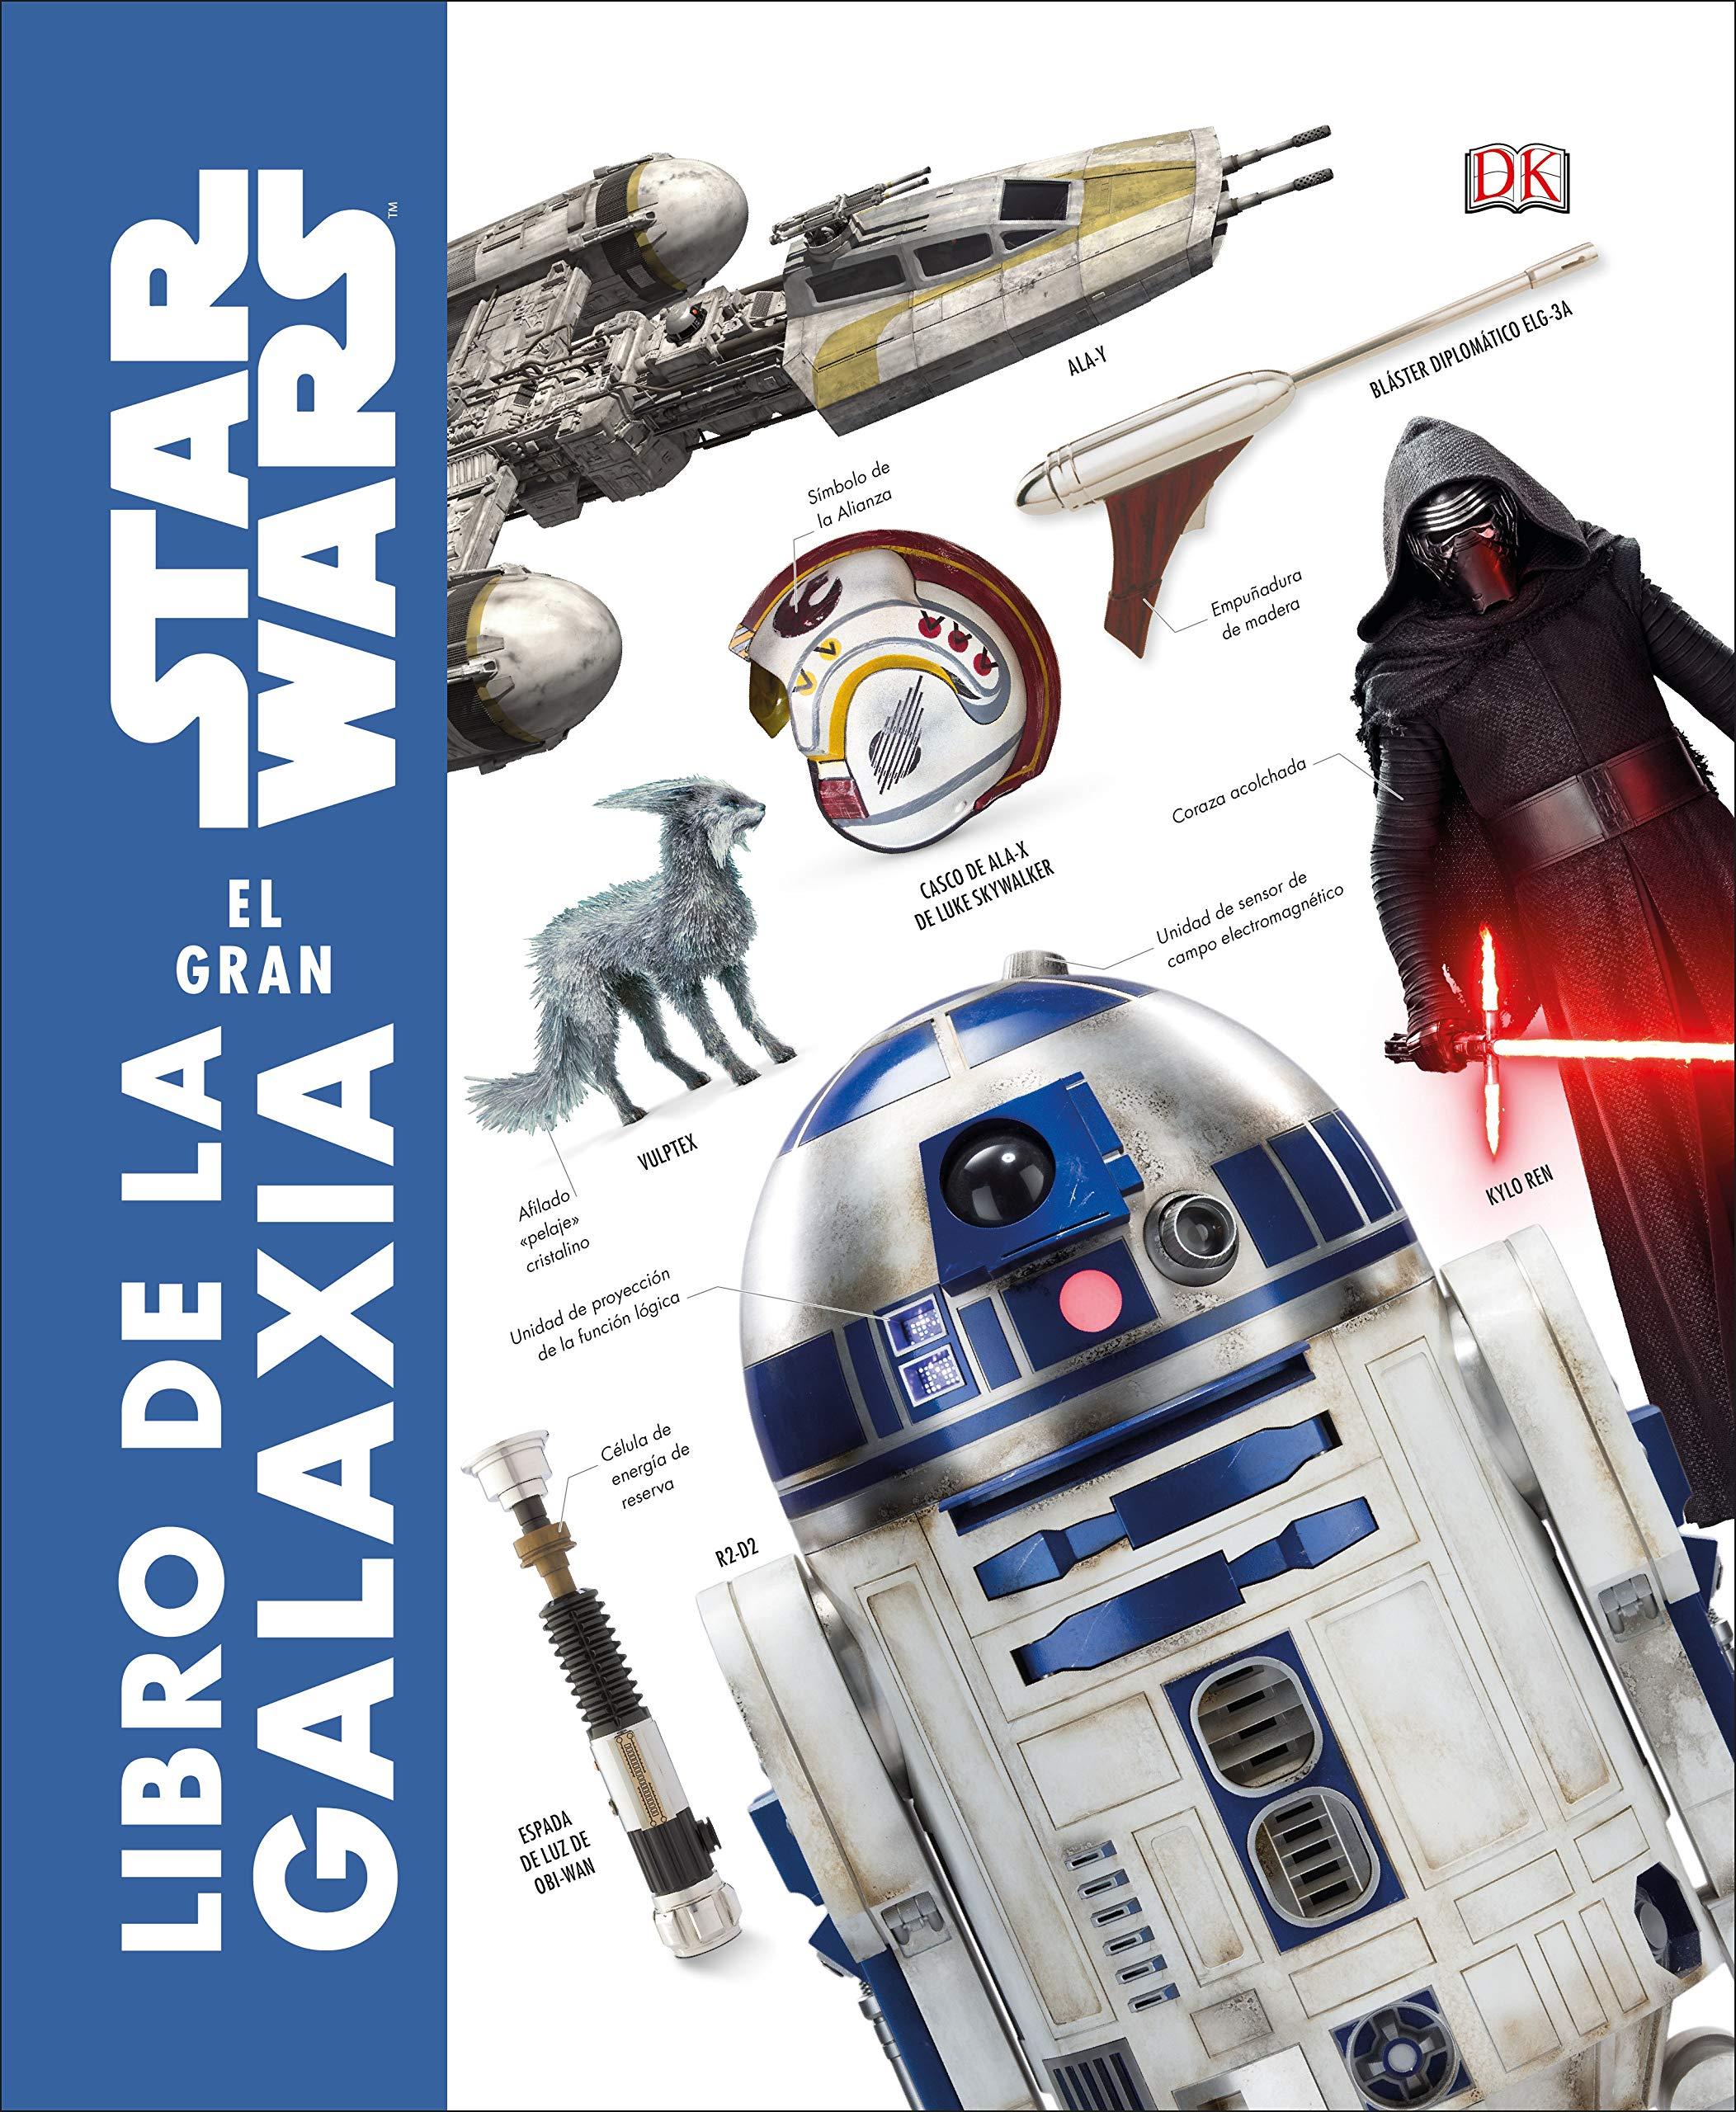 Star Wars: El gran libro de la galaxia (Spanish Edition) (Spanish) Hardcover – October 30, 2018